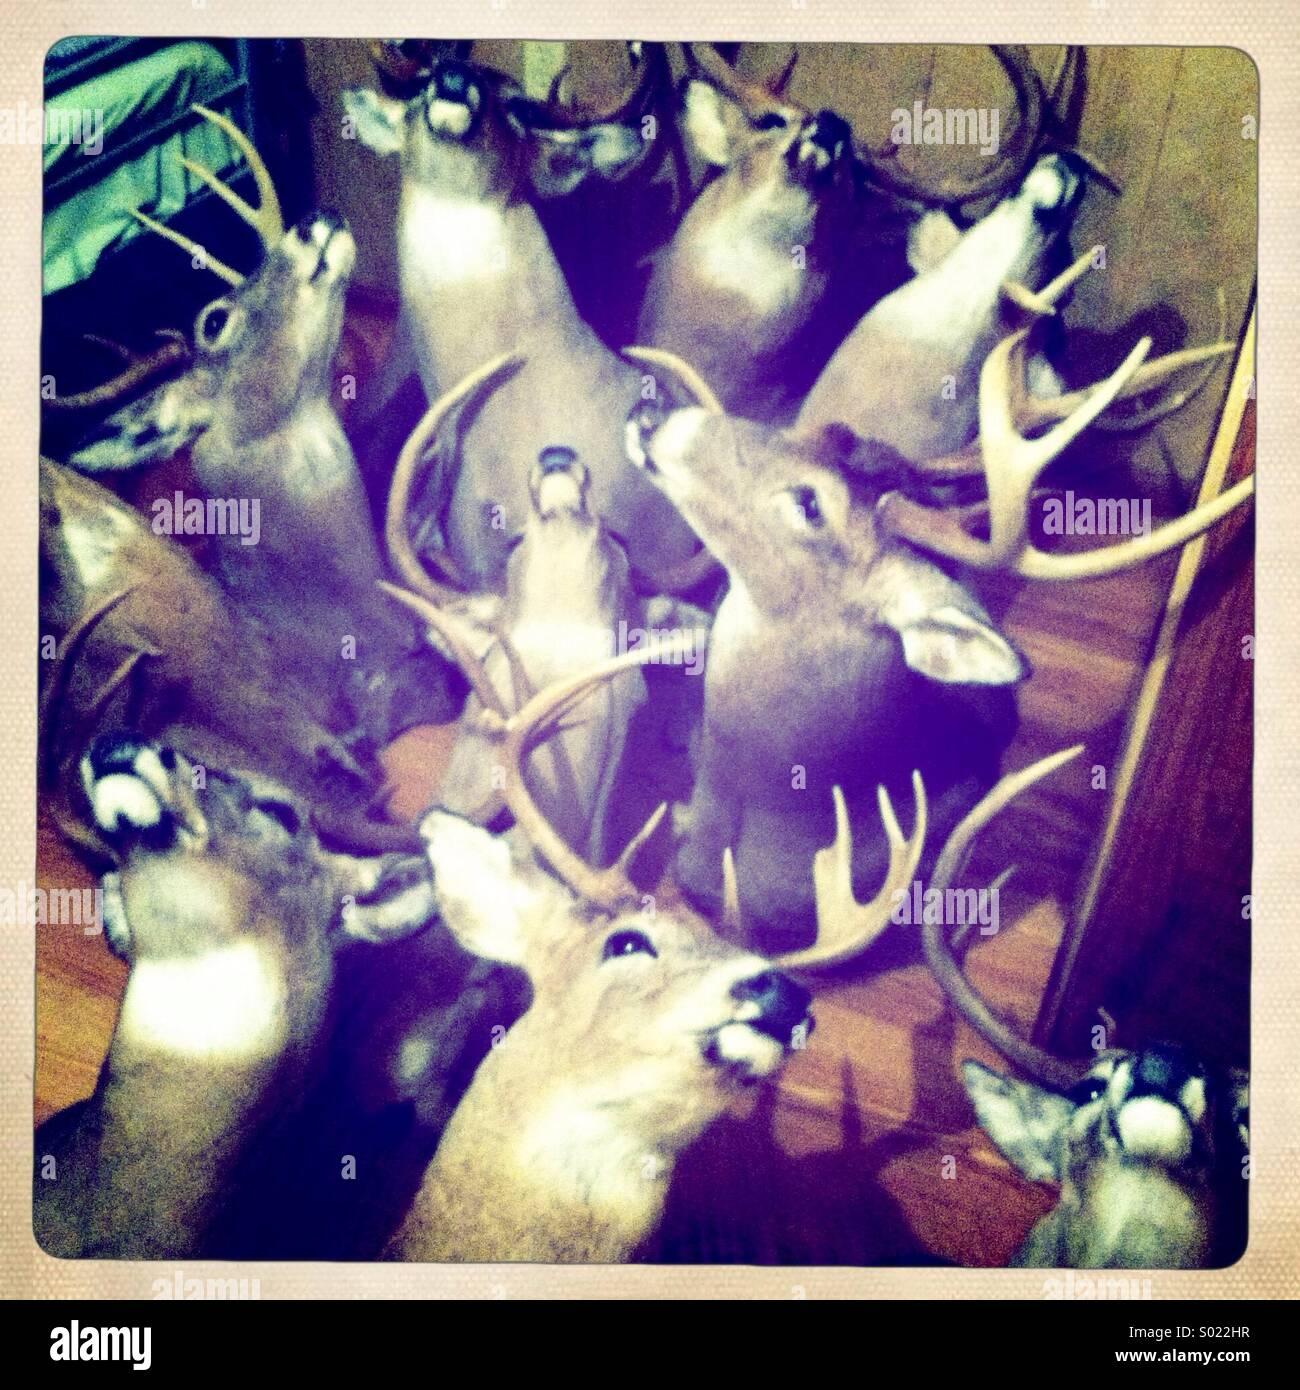 Weißen Schweif, die Hirsche Reittiere gestapelt in einem Raum. Stockbild